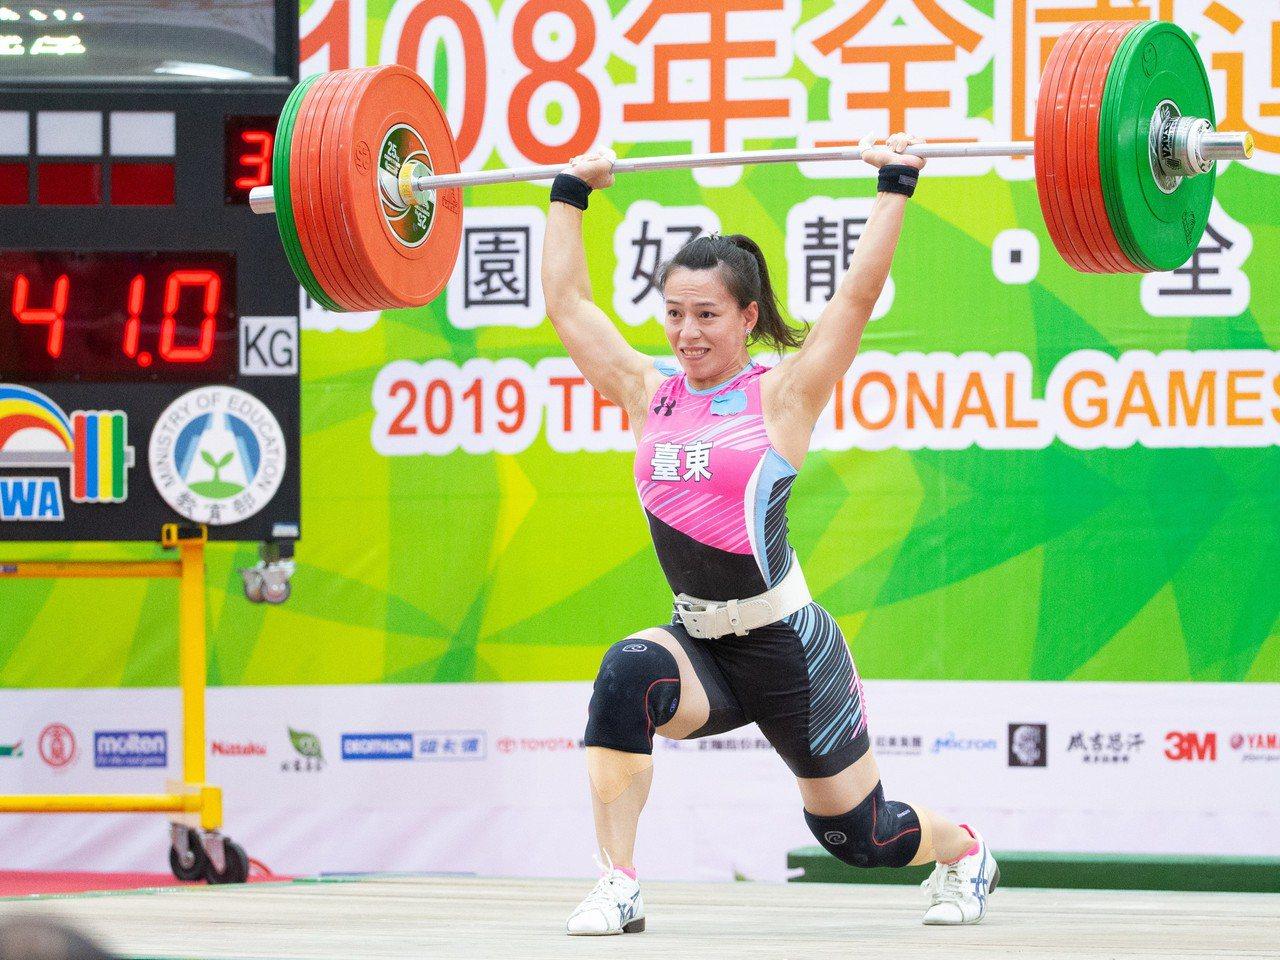 郭婞淳在女子59公斤級挑戰挺舉141公斤。記者季相儒/攝影